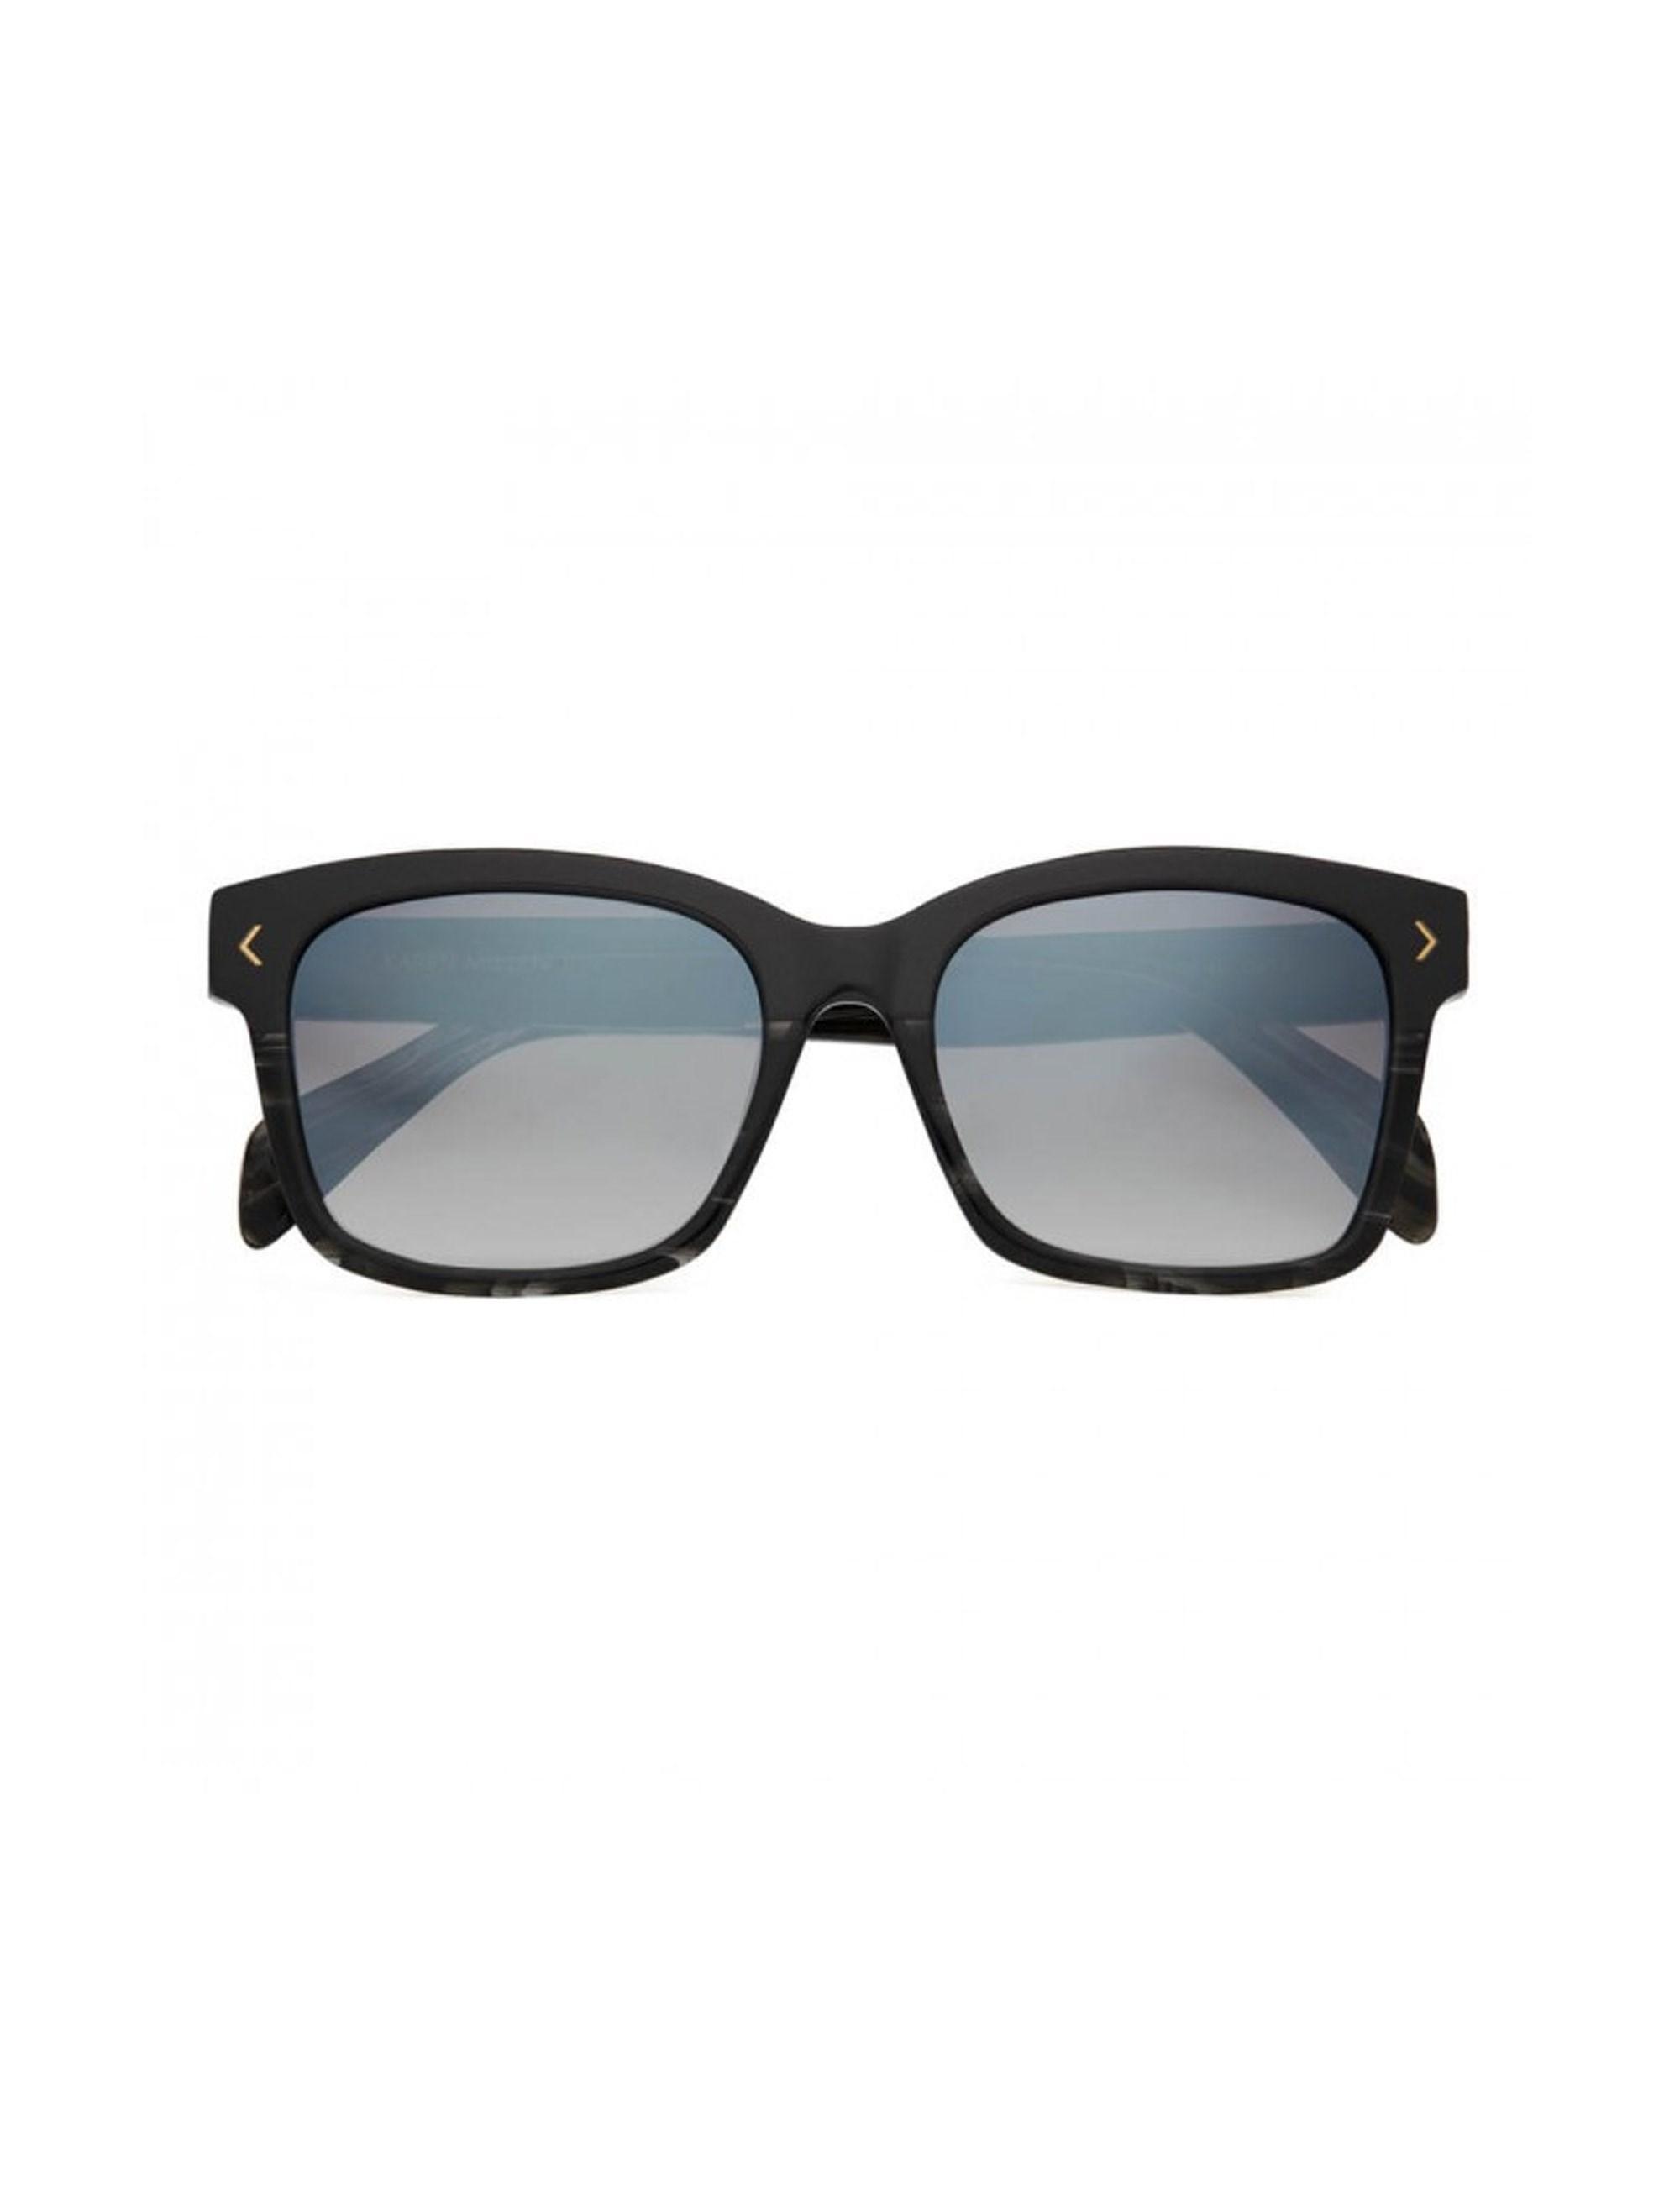 قیمت عینک آفتابی ویفرر زنانه - کارن میلن